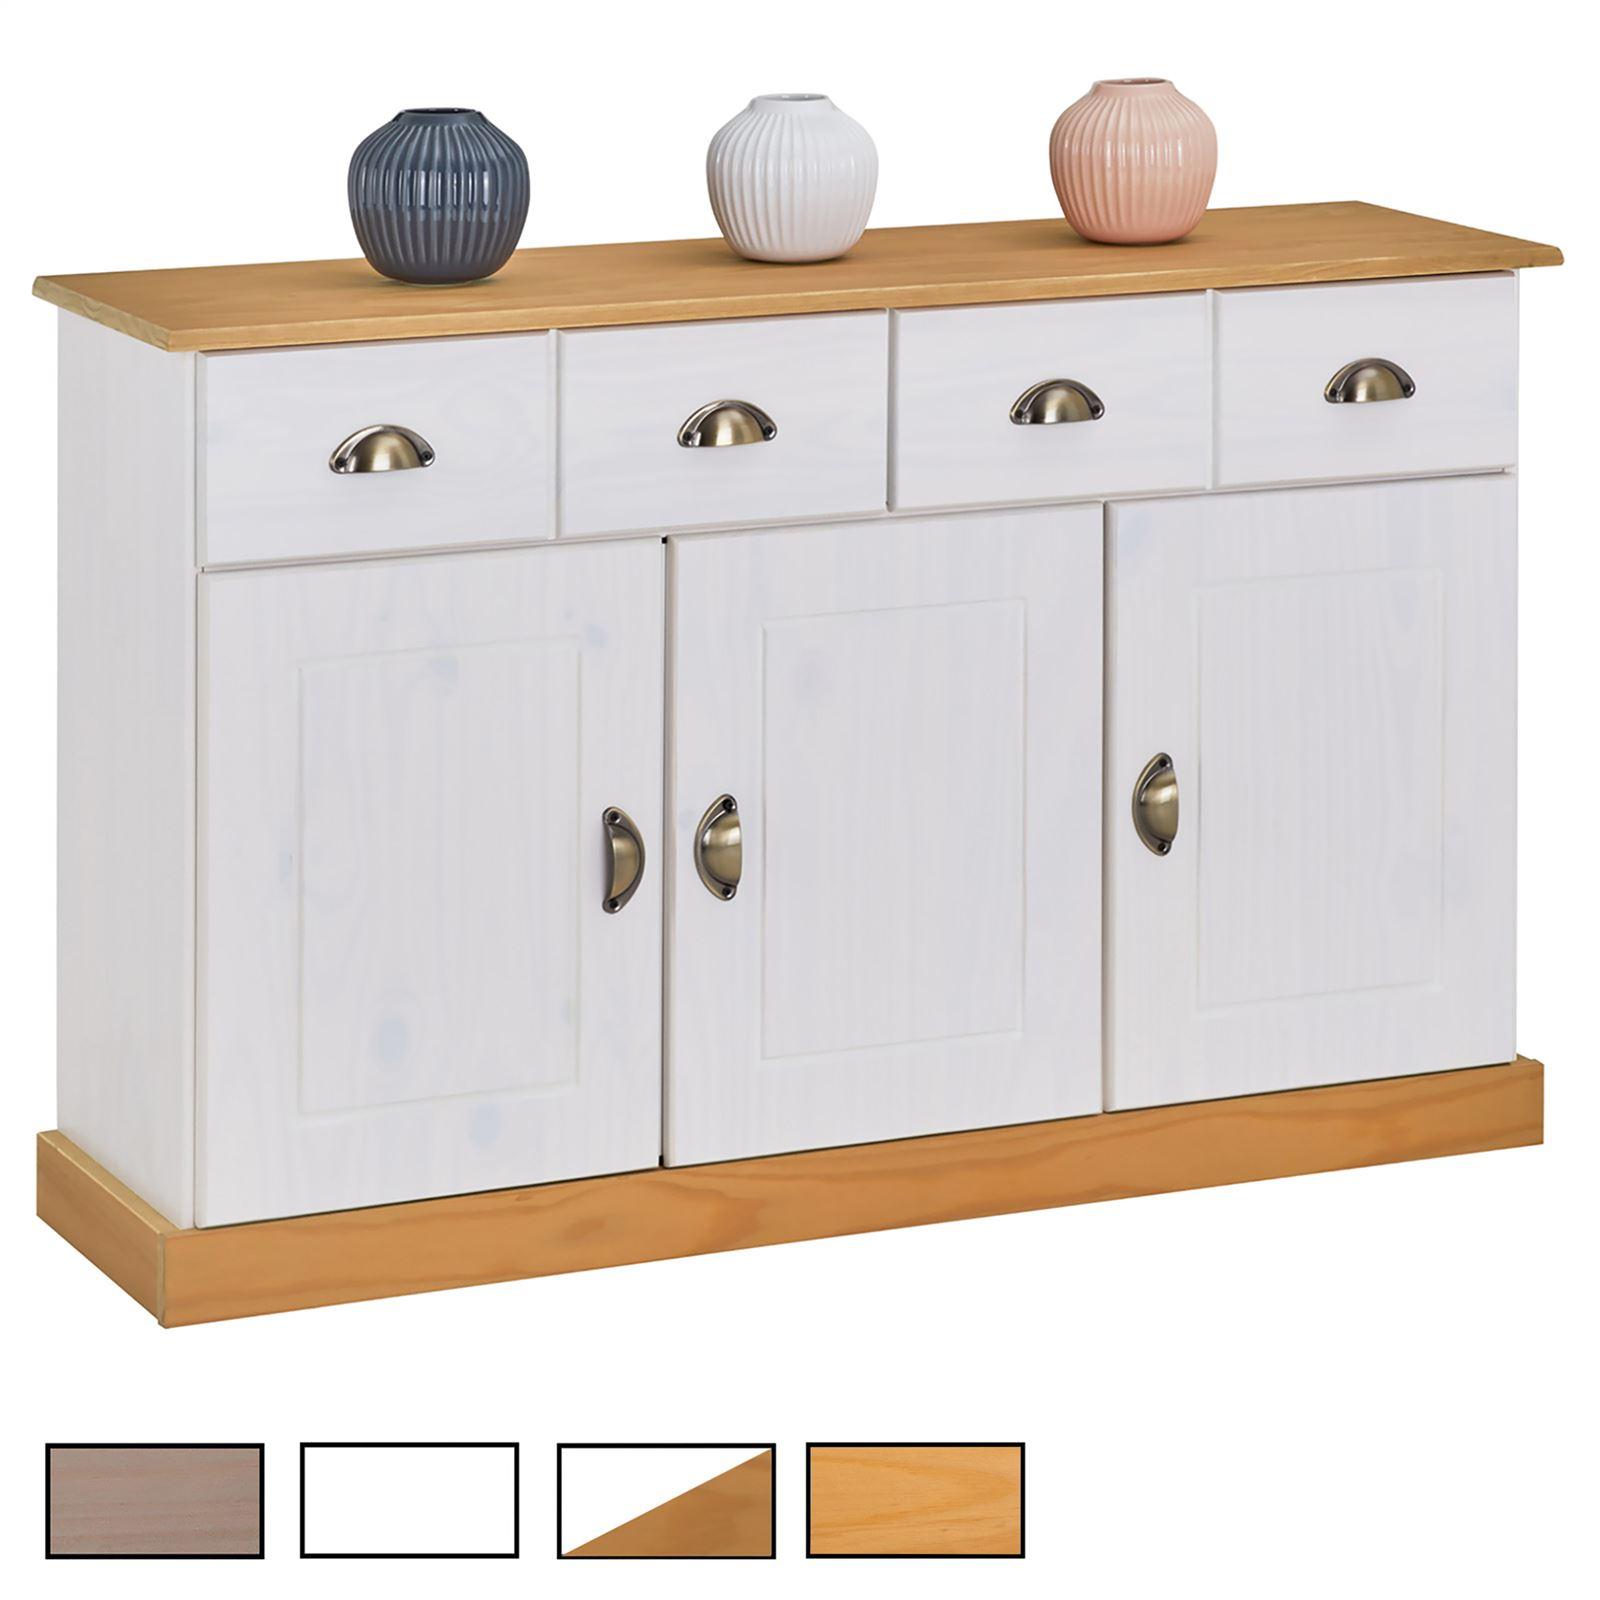 Verschiedene Anrichten Möbel Referenz Von Anrichte 2 Schubladen 3 Türen In 2